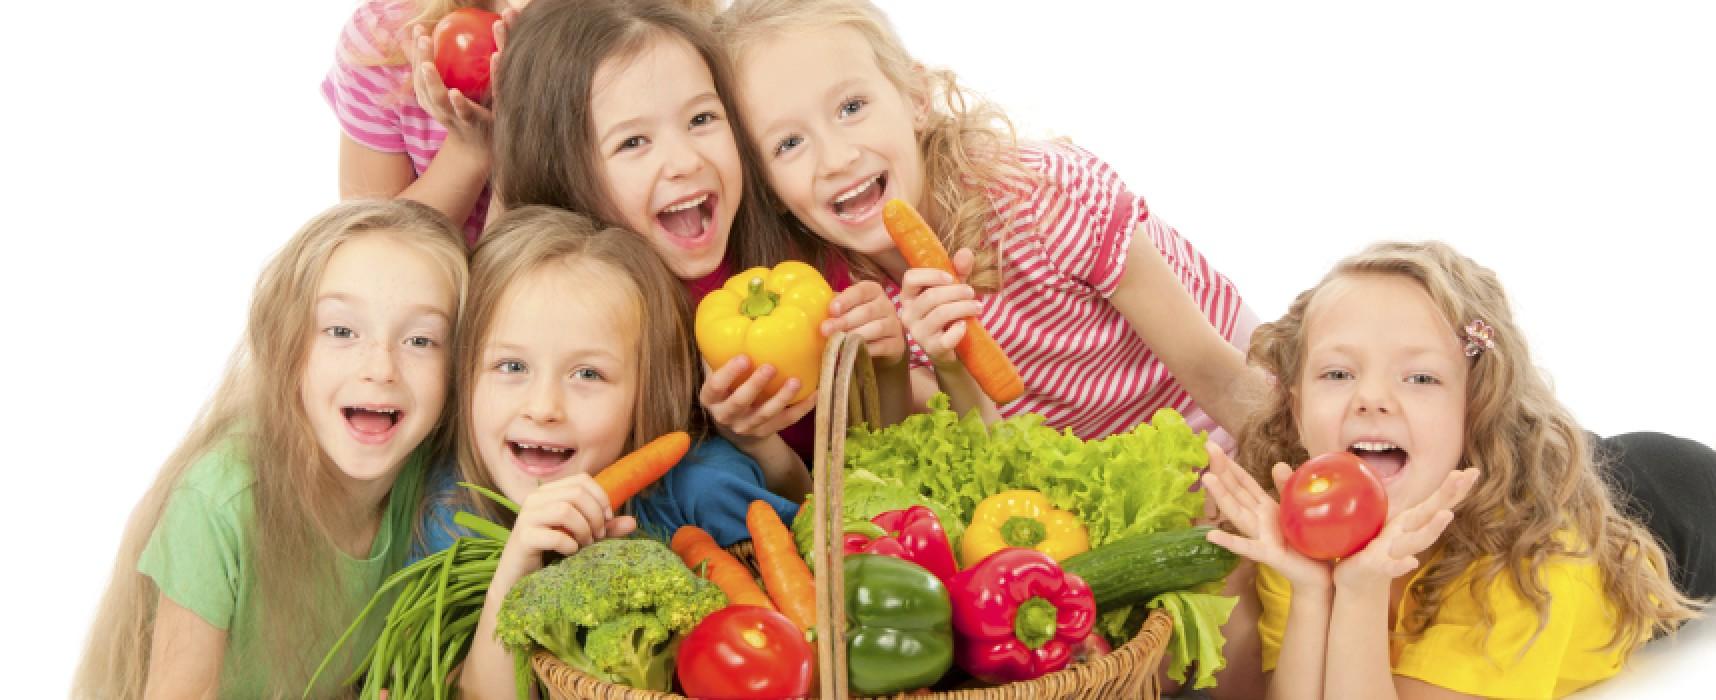 Bicibò: incontro sul mangiar sano promosso da Asd Ludobike